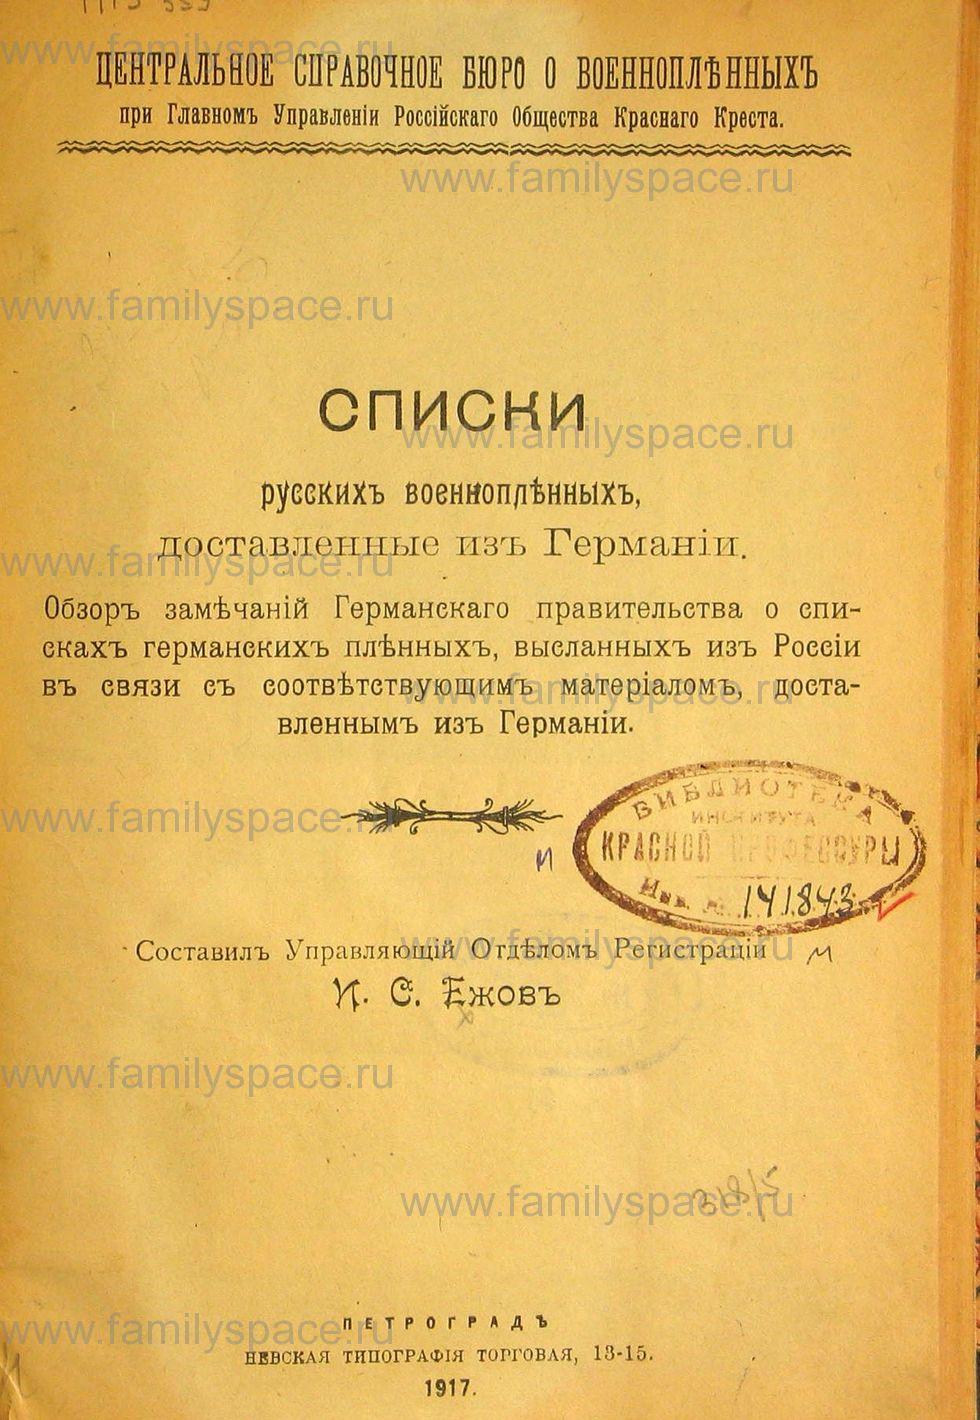 Поиск по фамилии - Списки русских военнопленных (из Германии) - 1917, страница 1